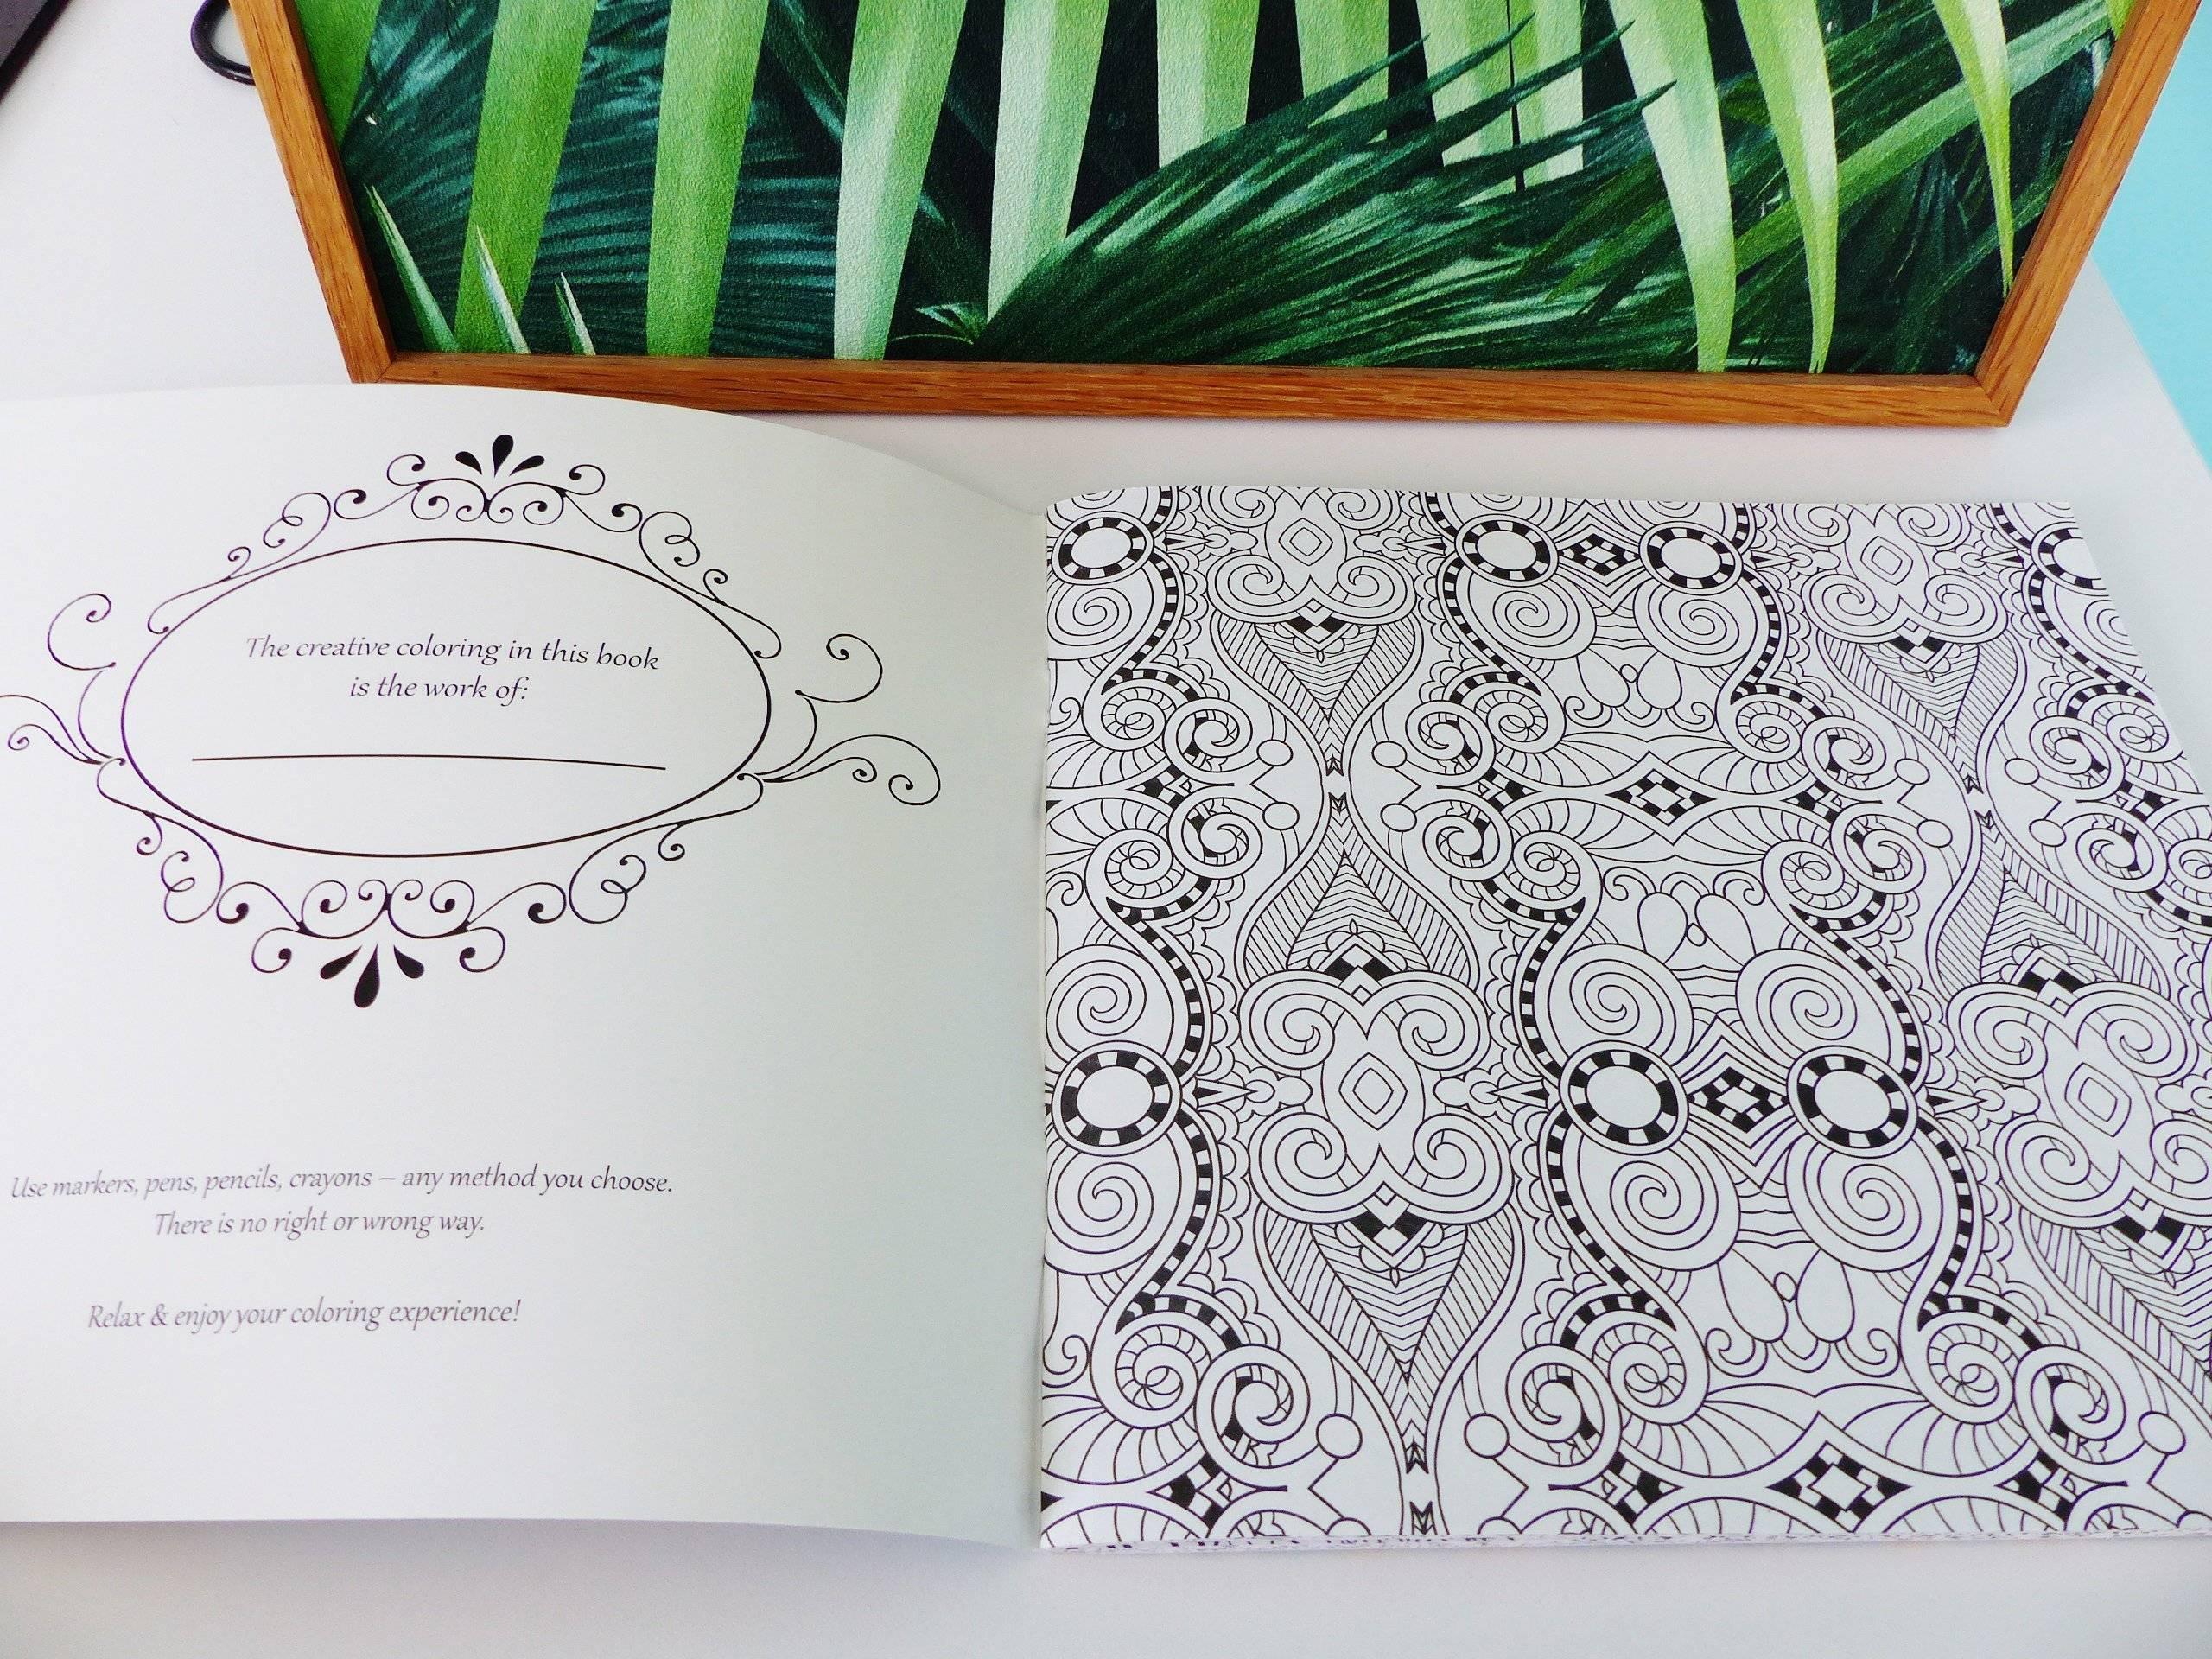 livre de coloriage daring designs vague mandala motif géométrique coloring book